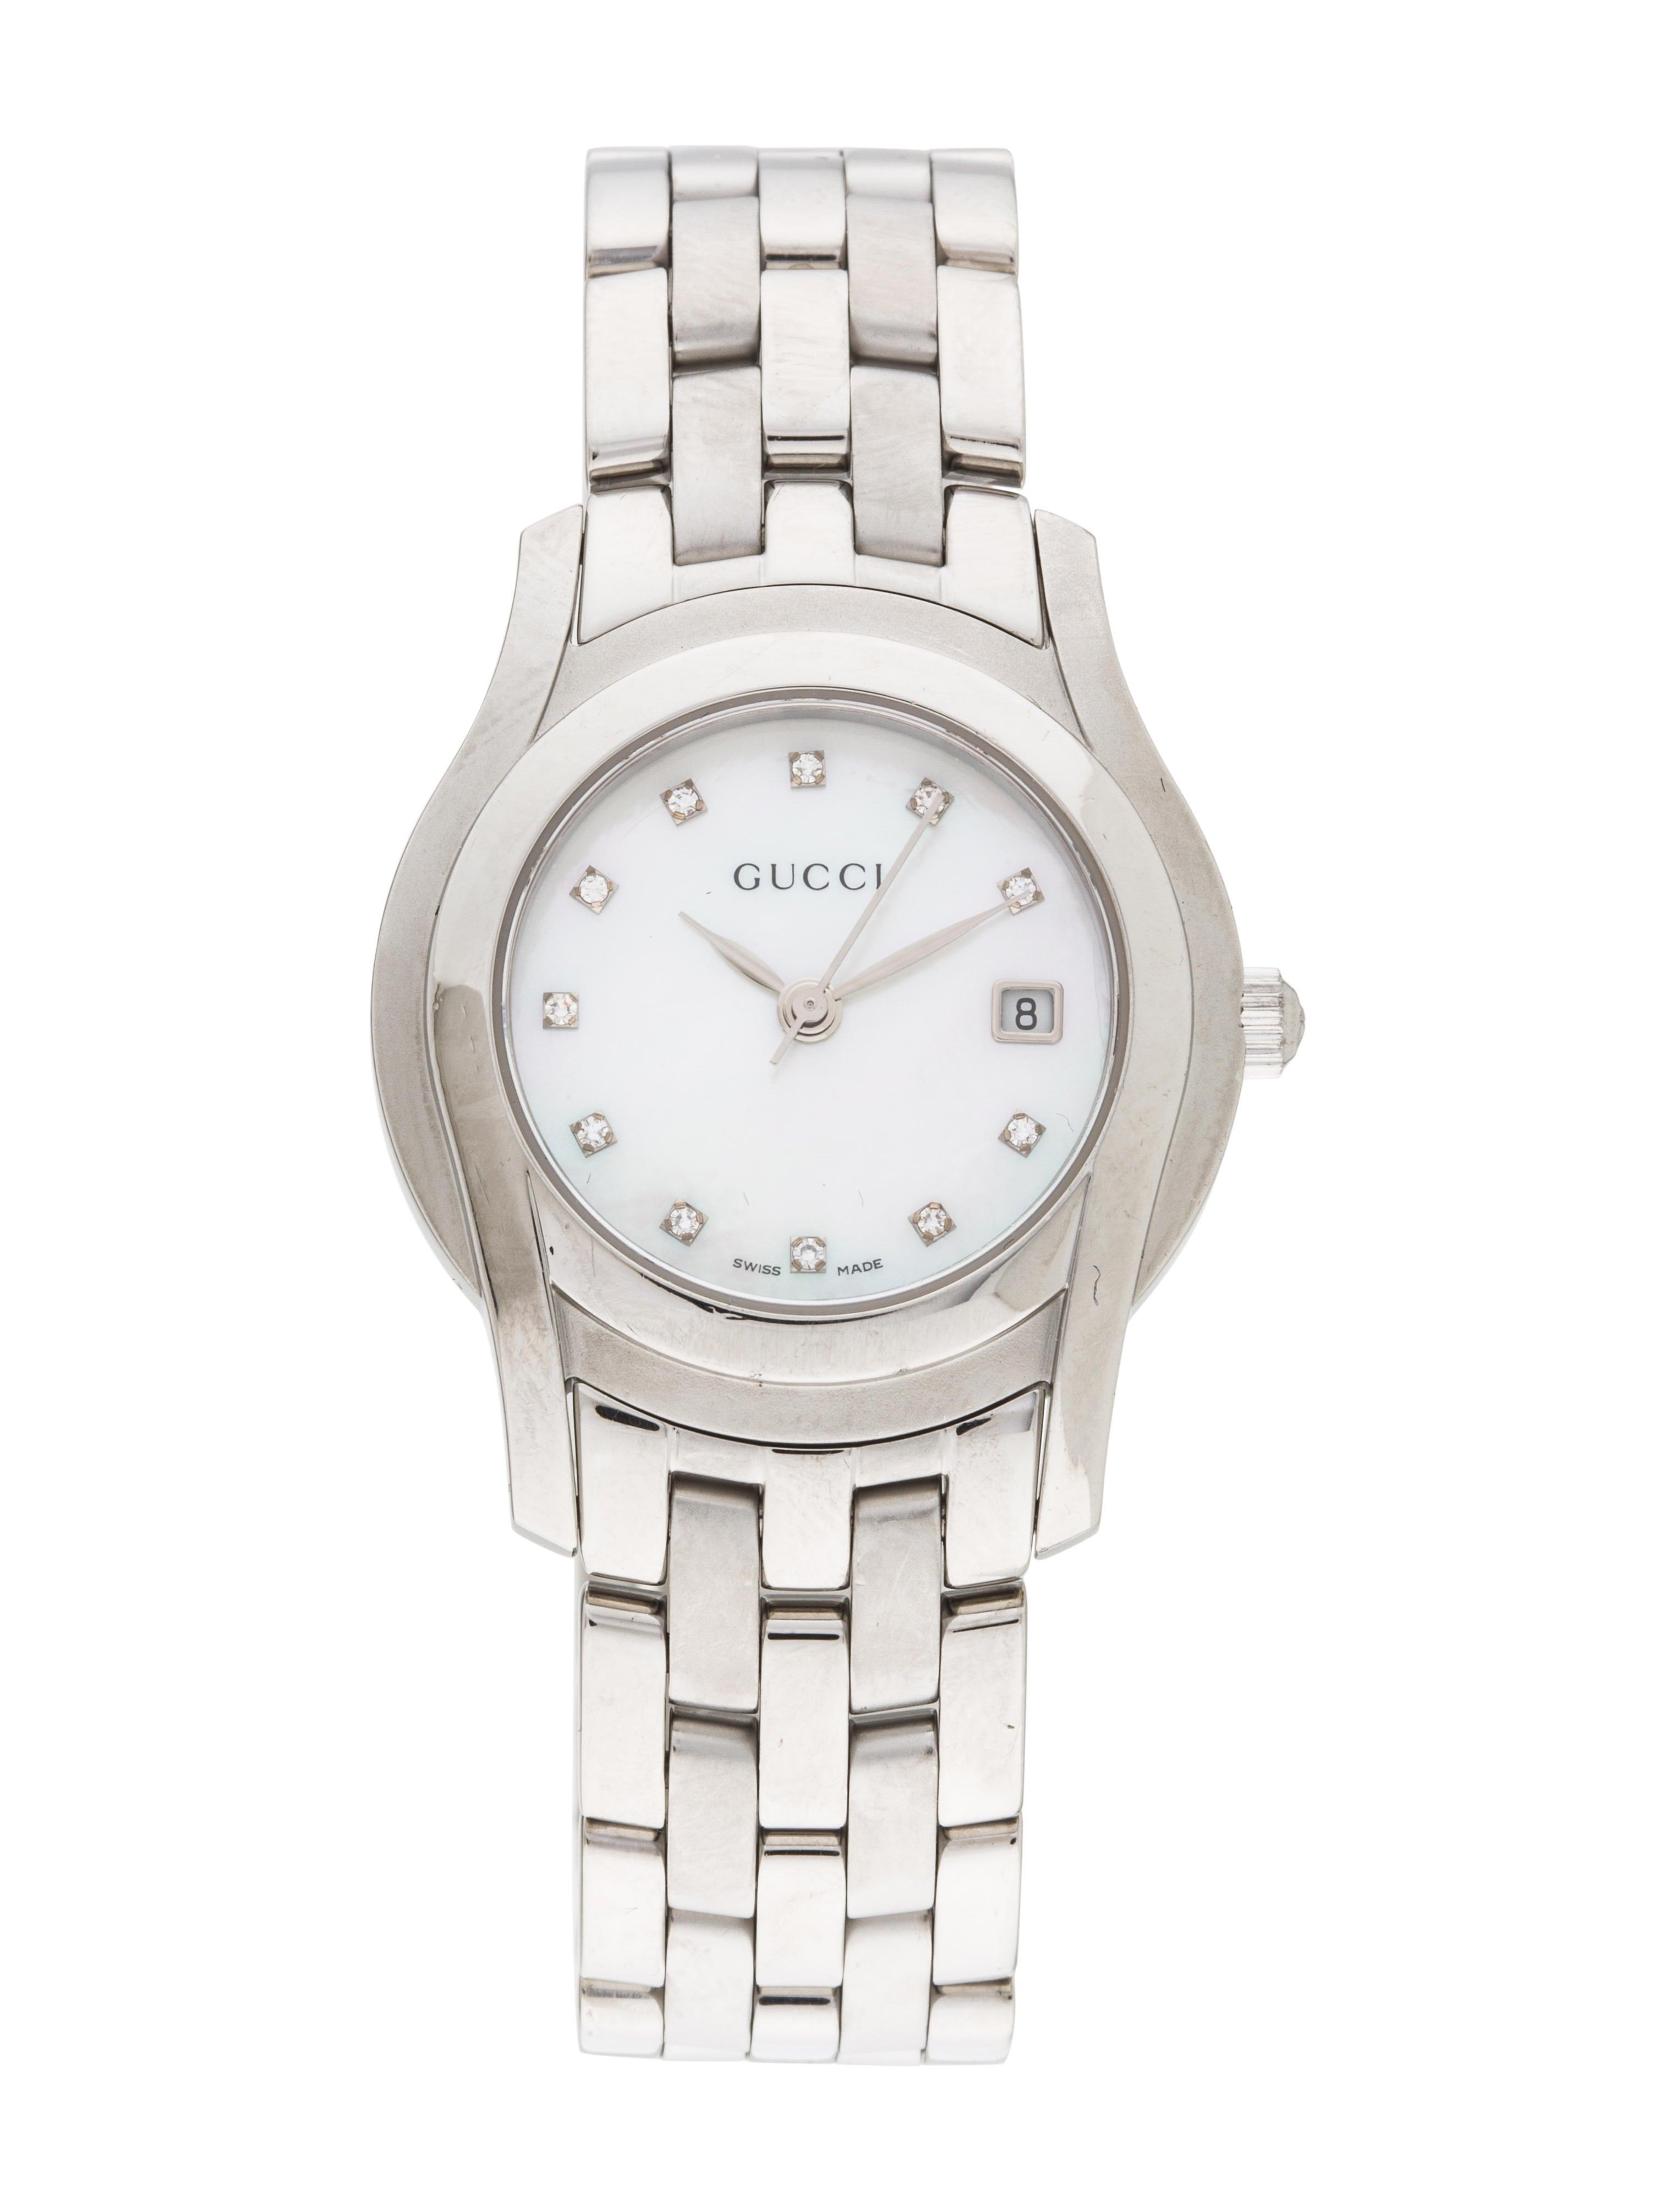 d195176d6cb Gucci G-Class Watch - Bracelet - GUC300143